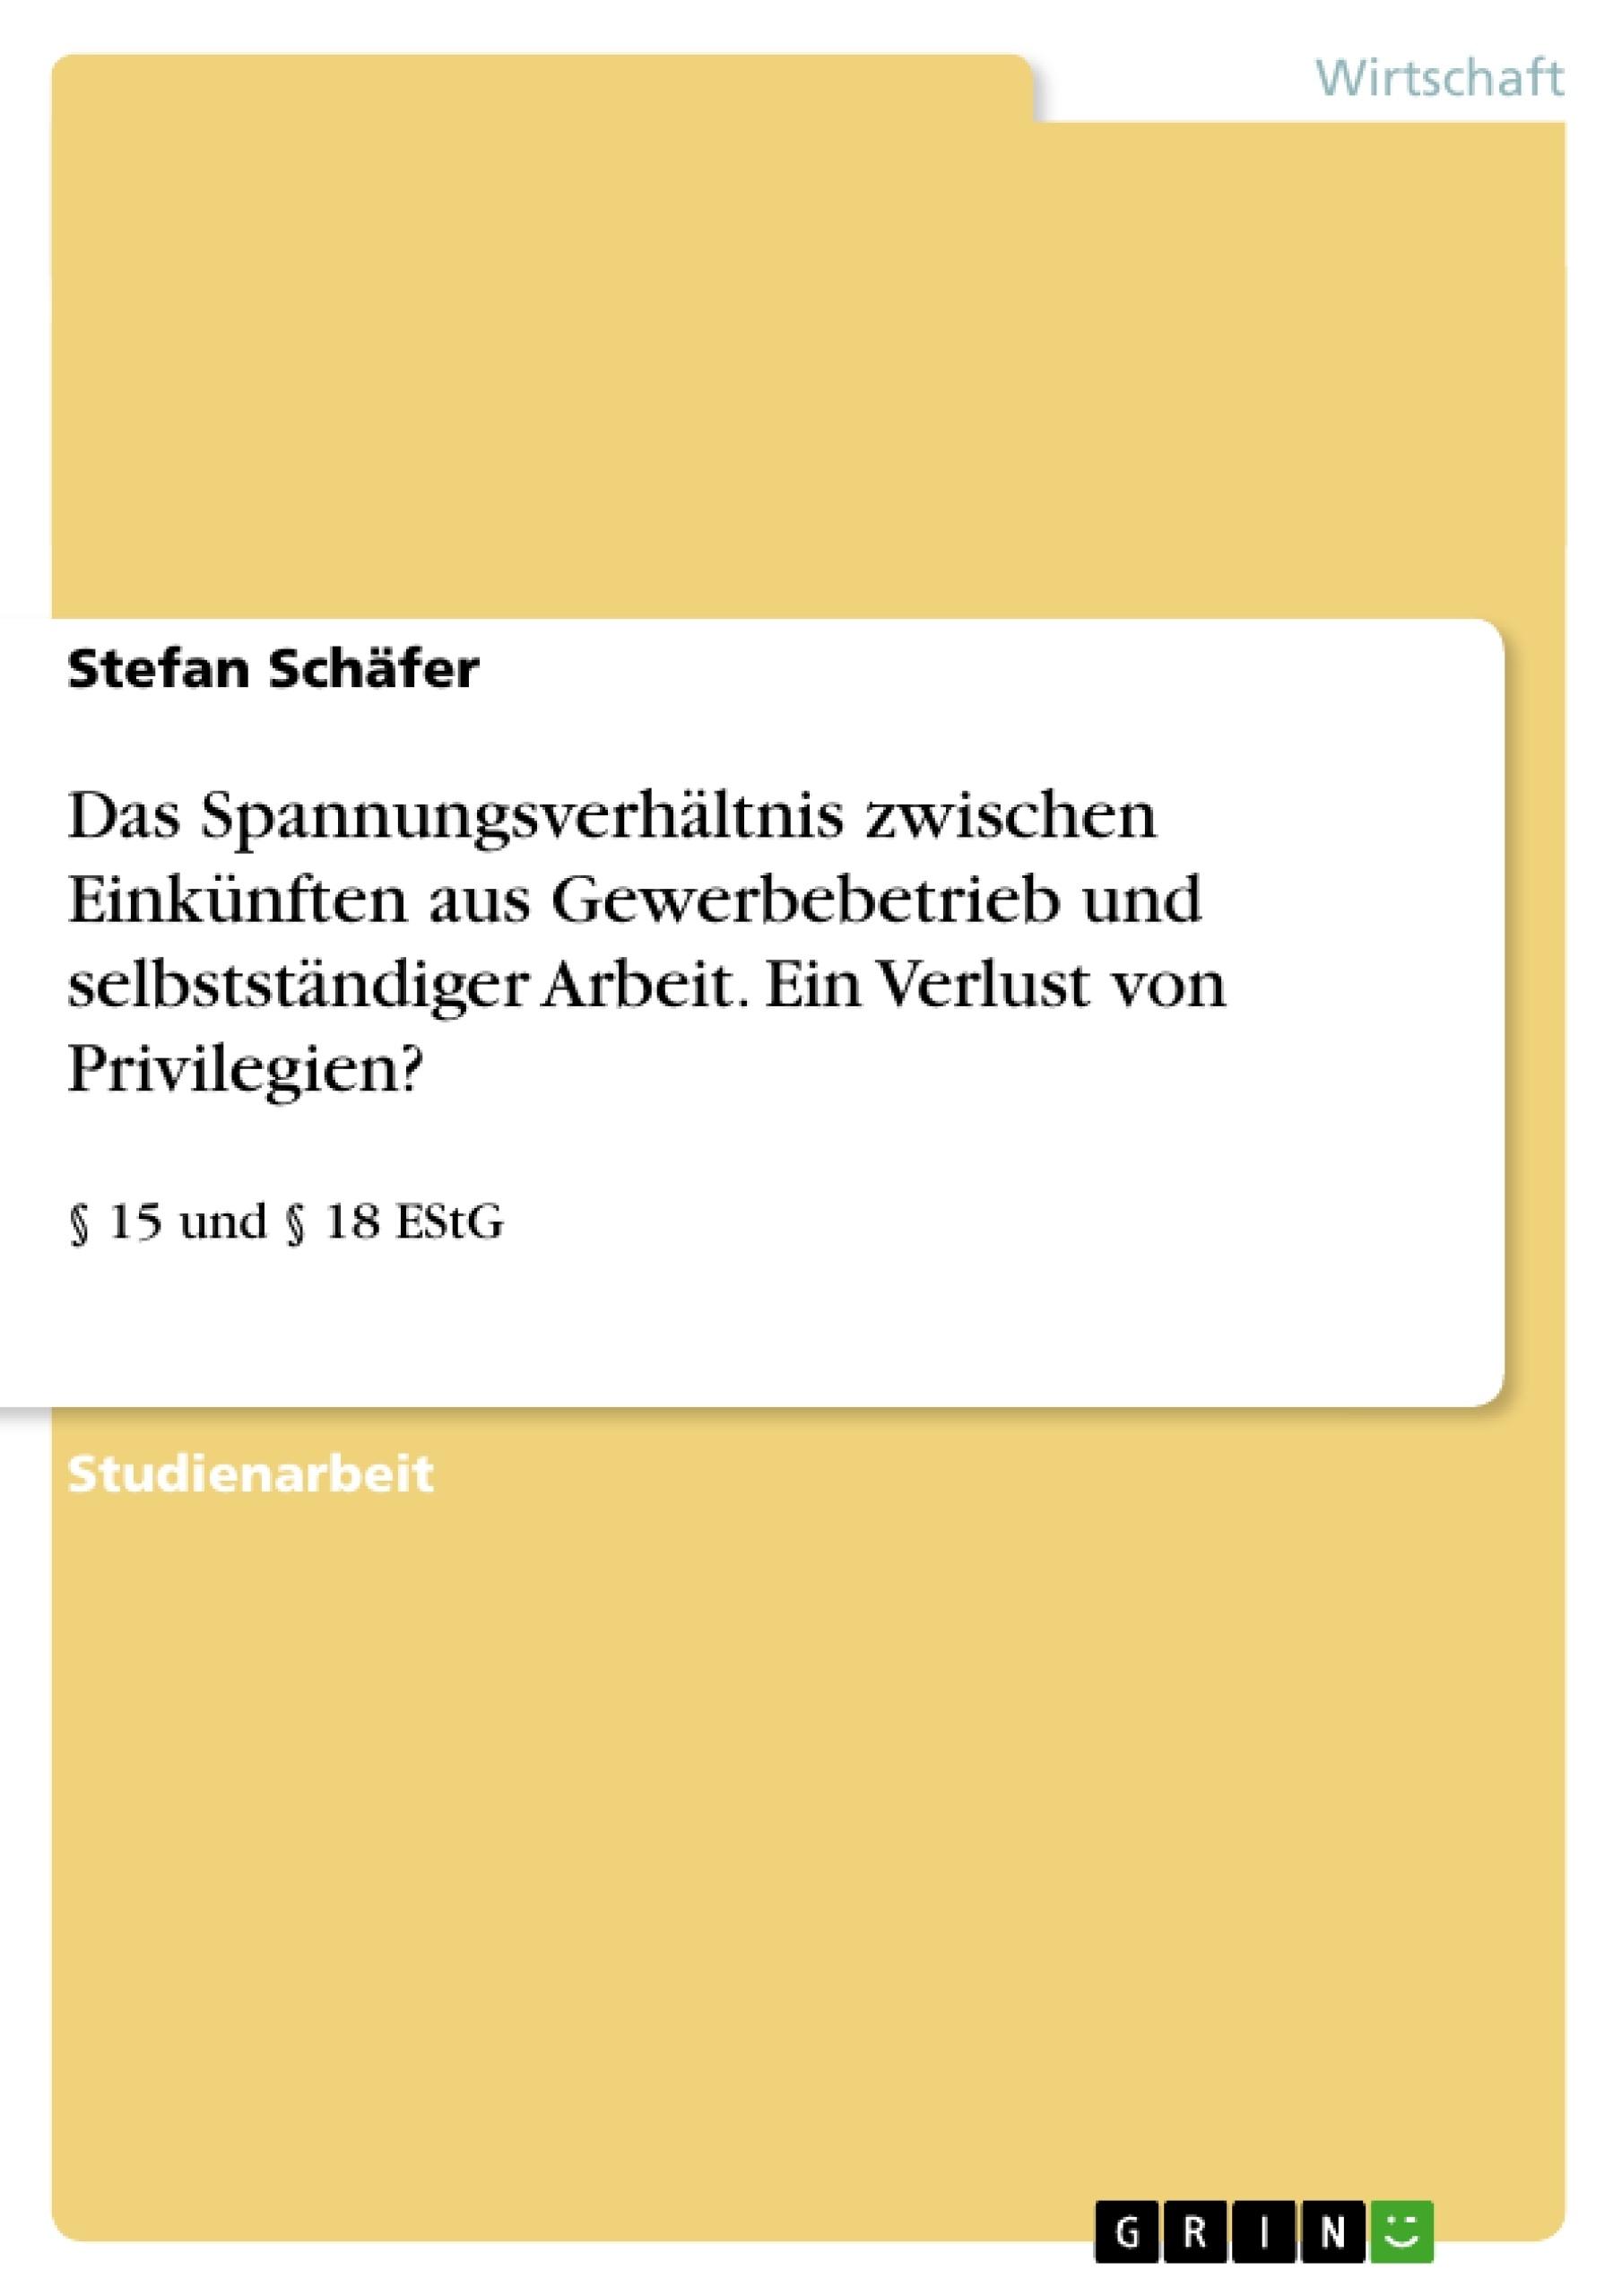 Titel: Das Spannungsverhältnis zwischen Einkünften aus Gewerbebetrieb und selbstständiger Arbeit. Ein Verlust von Privilegien?